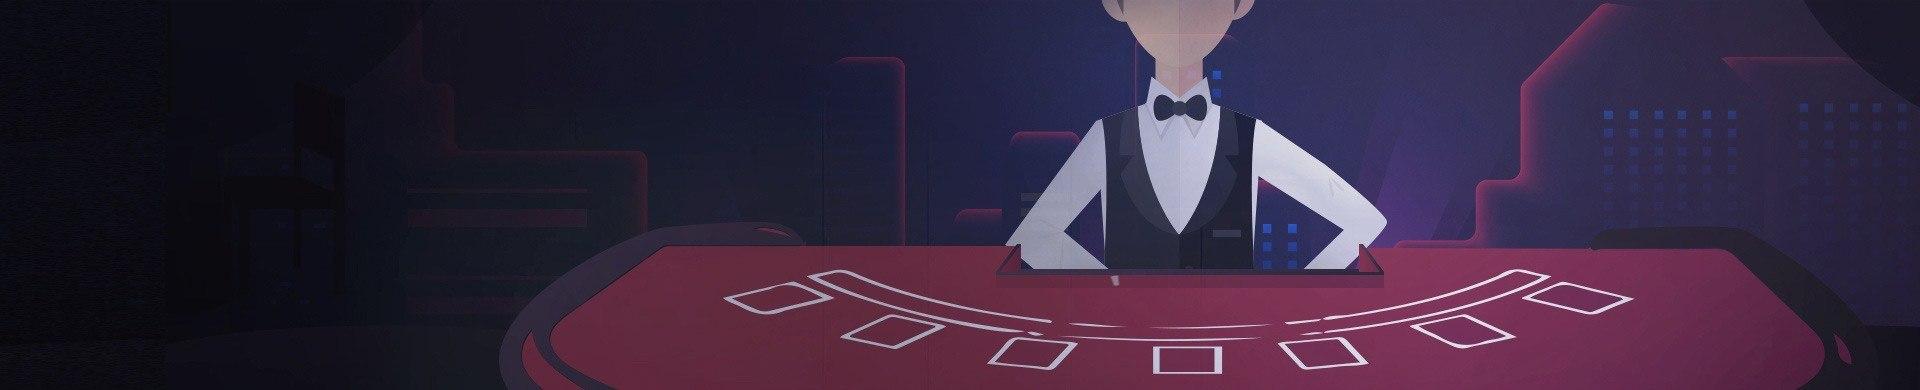 Casino Echtgeld - 66521